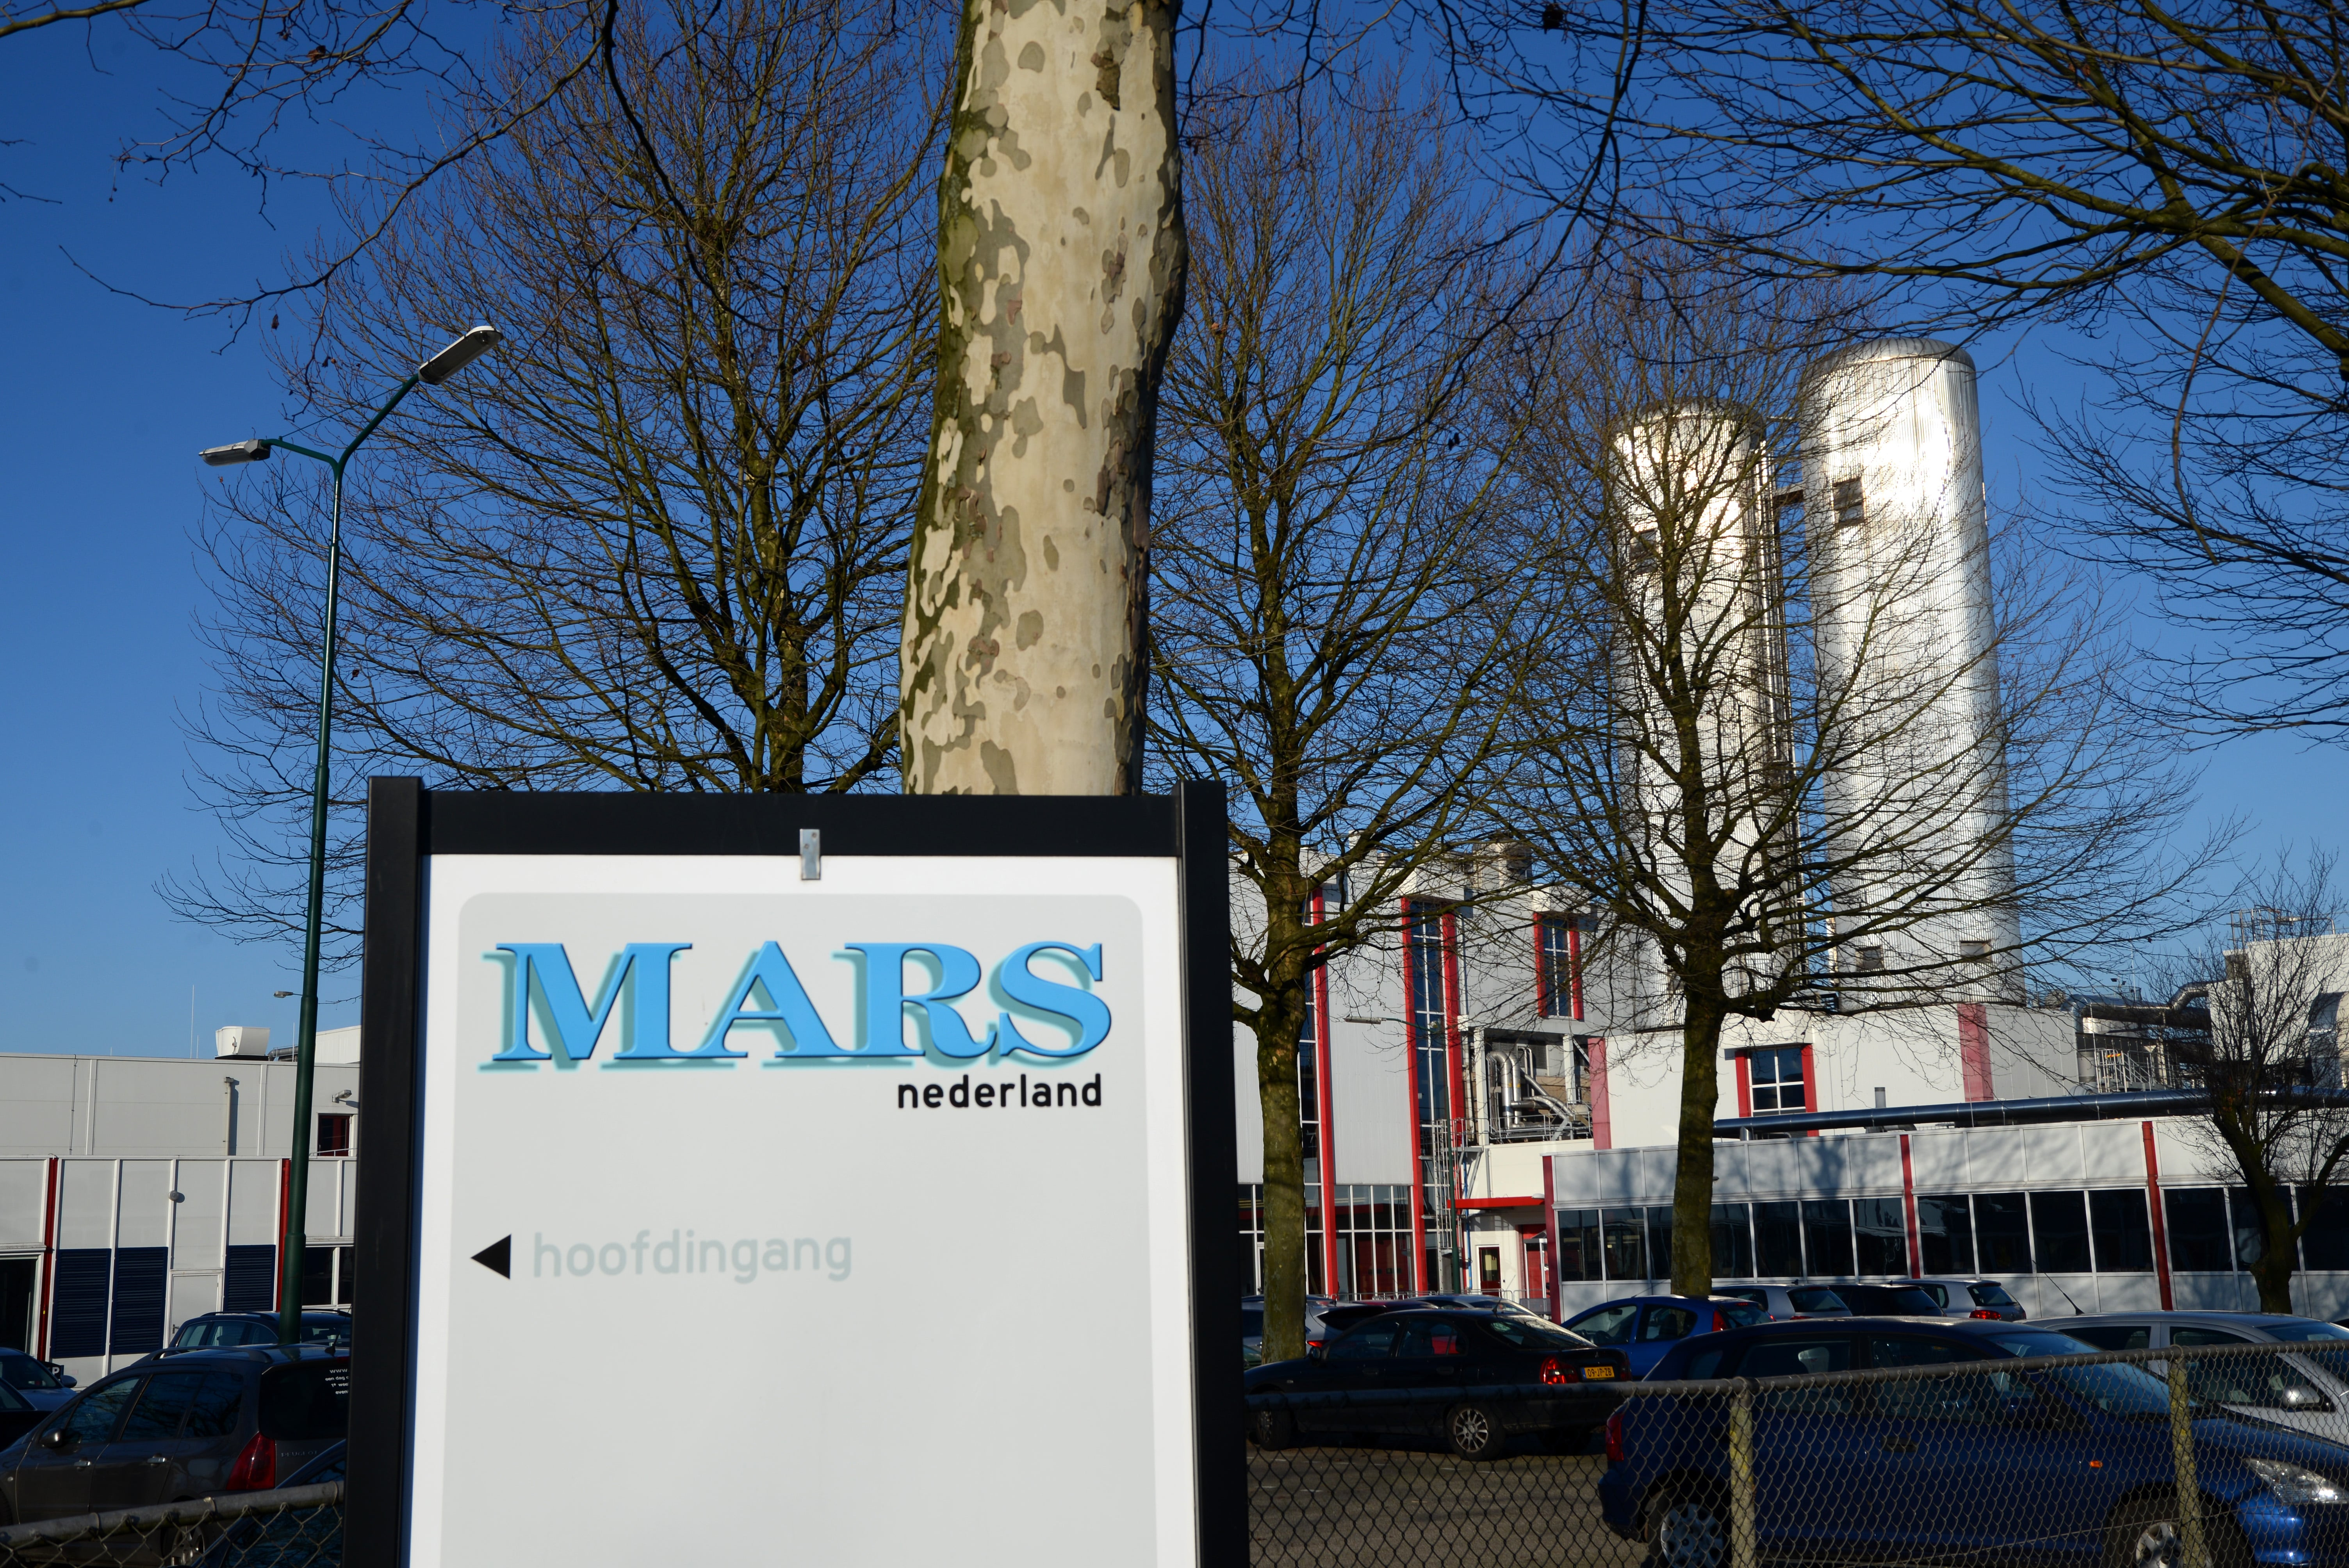 Mars Países Bajos.